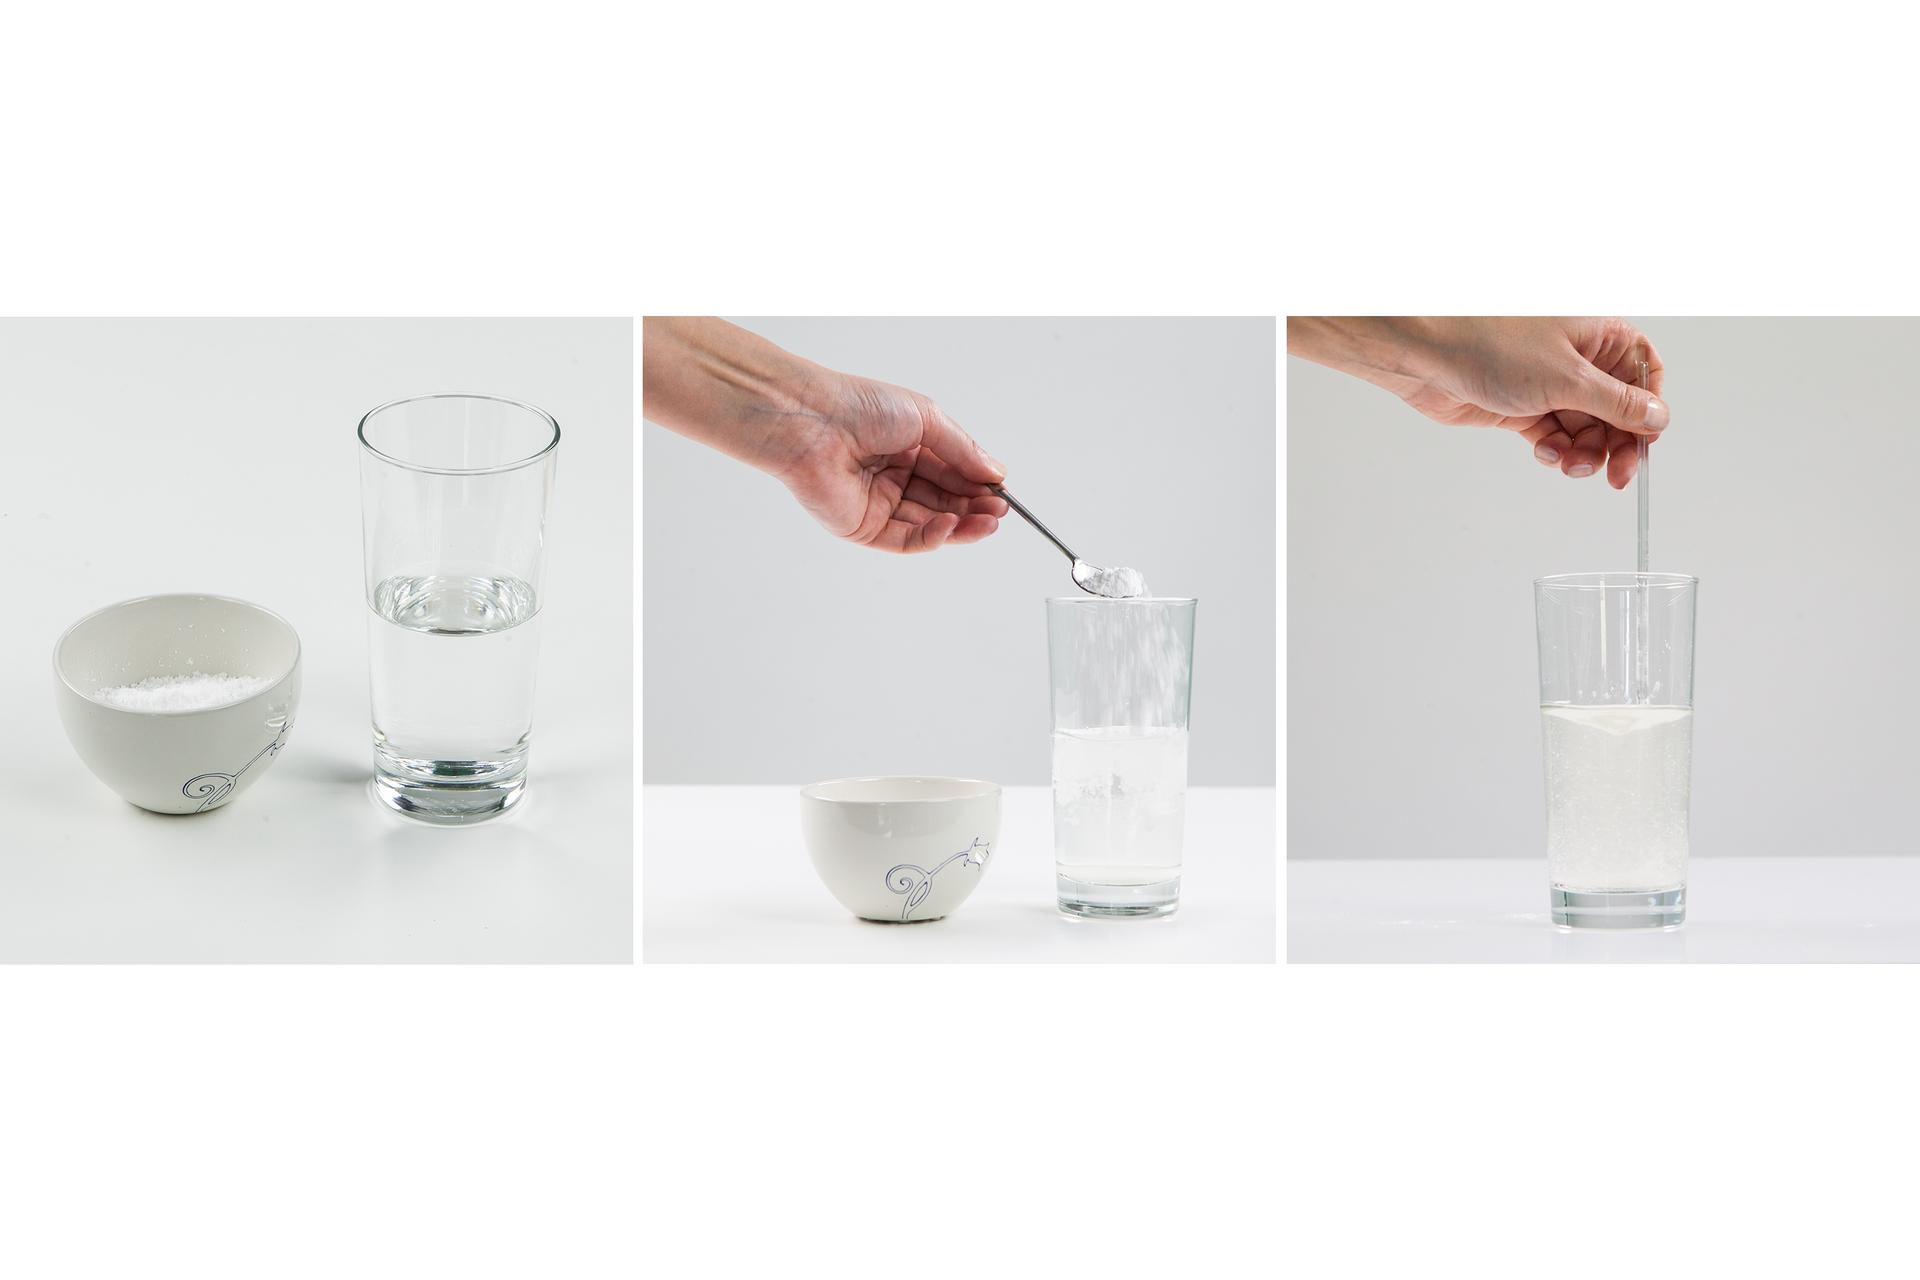 Ilustracja prezentuje trzy zdjęcia umieszczone obok siebie. Pierwsze od lewej prezentuje cukiernicę zzawartością oraz szklankę wody, środkowe przedstawia rękę złyżeczką, która wsypuje cukier do szklanki, atrzecie zdjęcie przedstawia czynność mieszania wody wszklance.